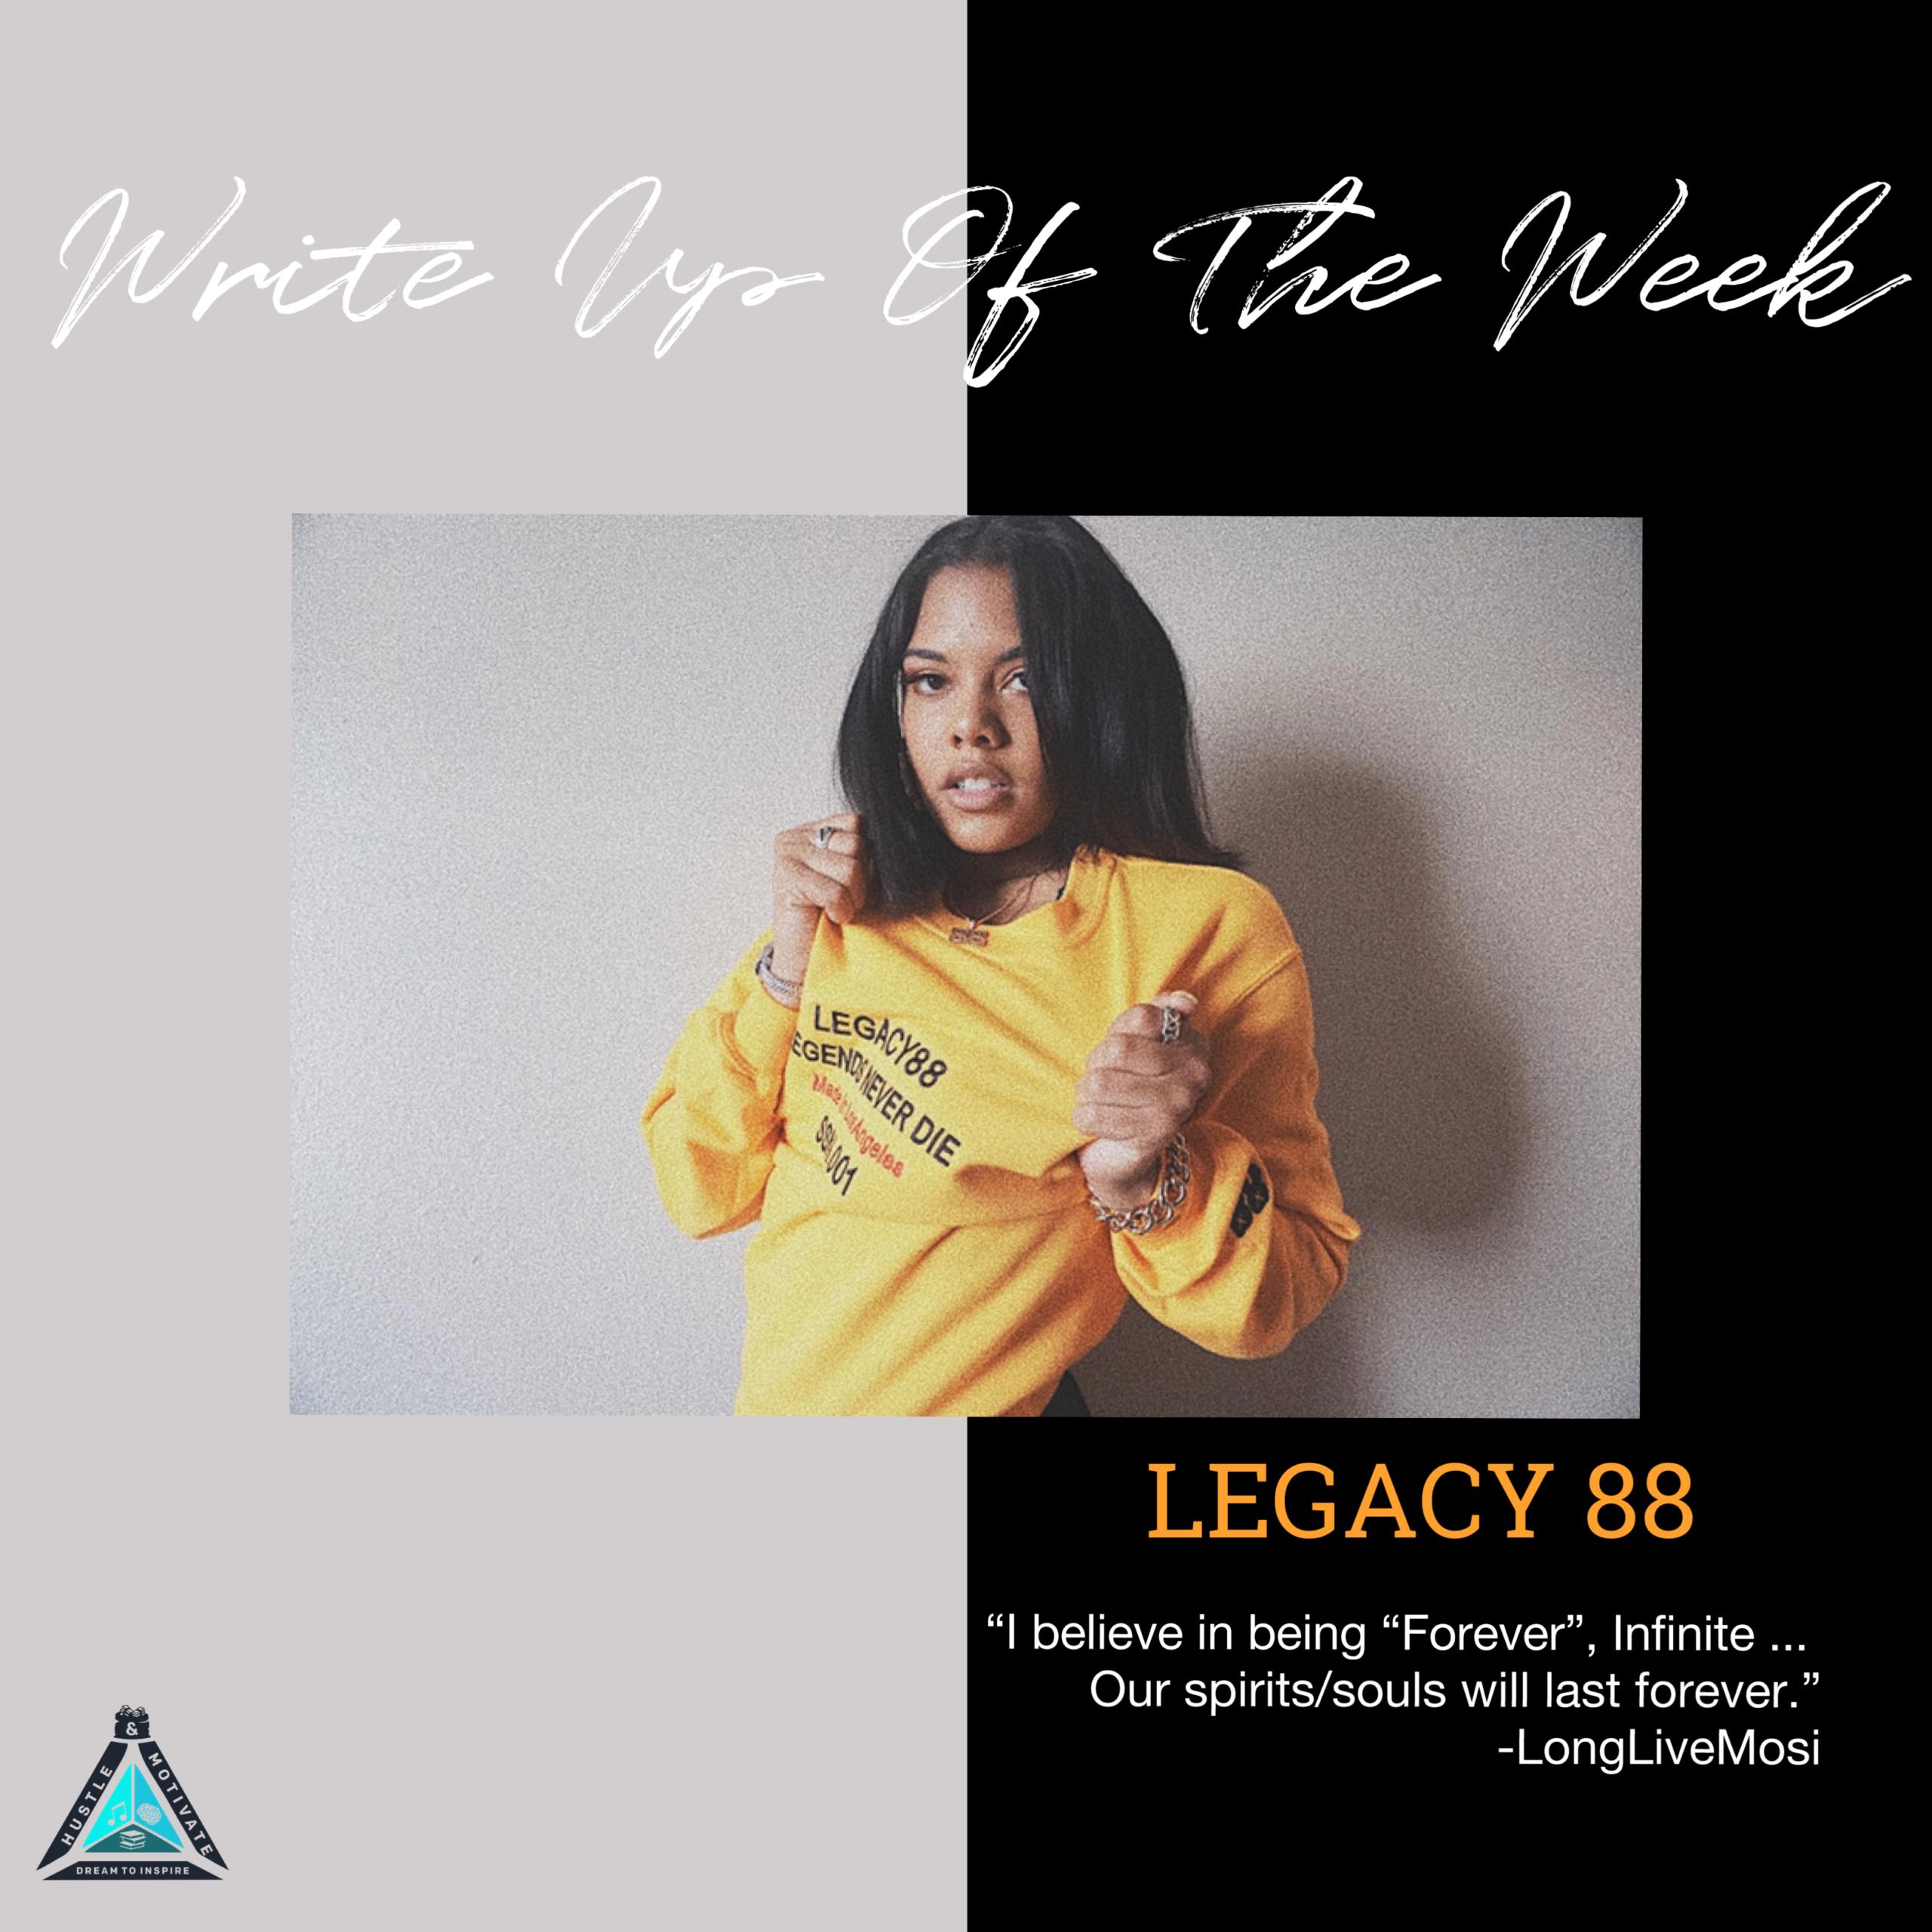 Legacy 88